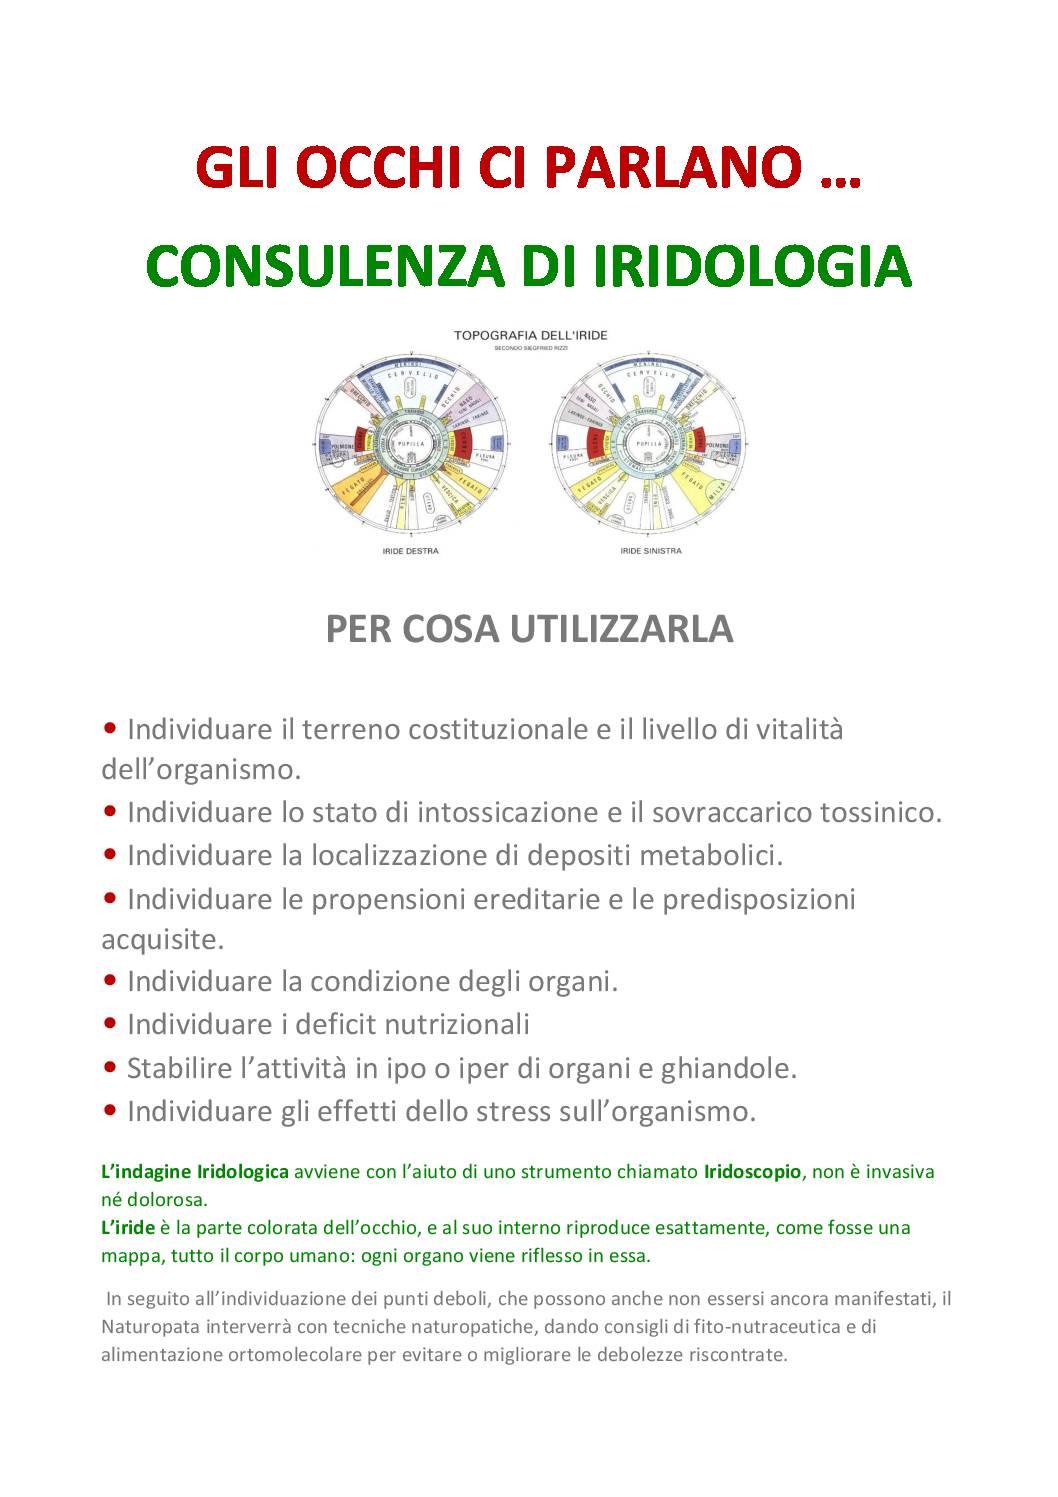 Consulenza di iridologia